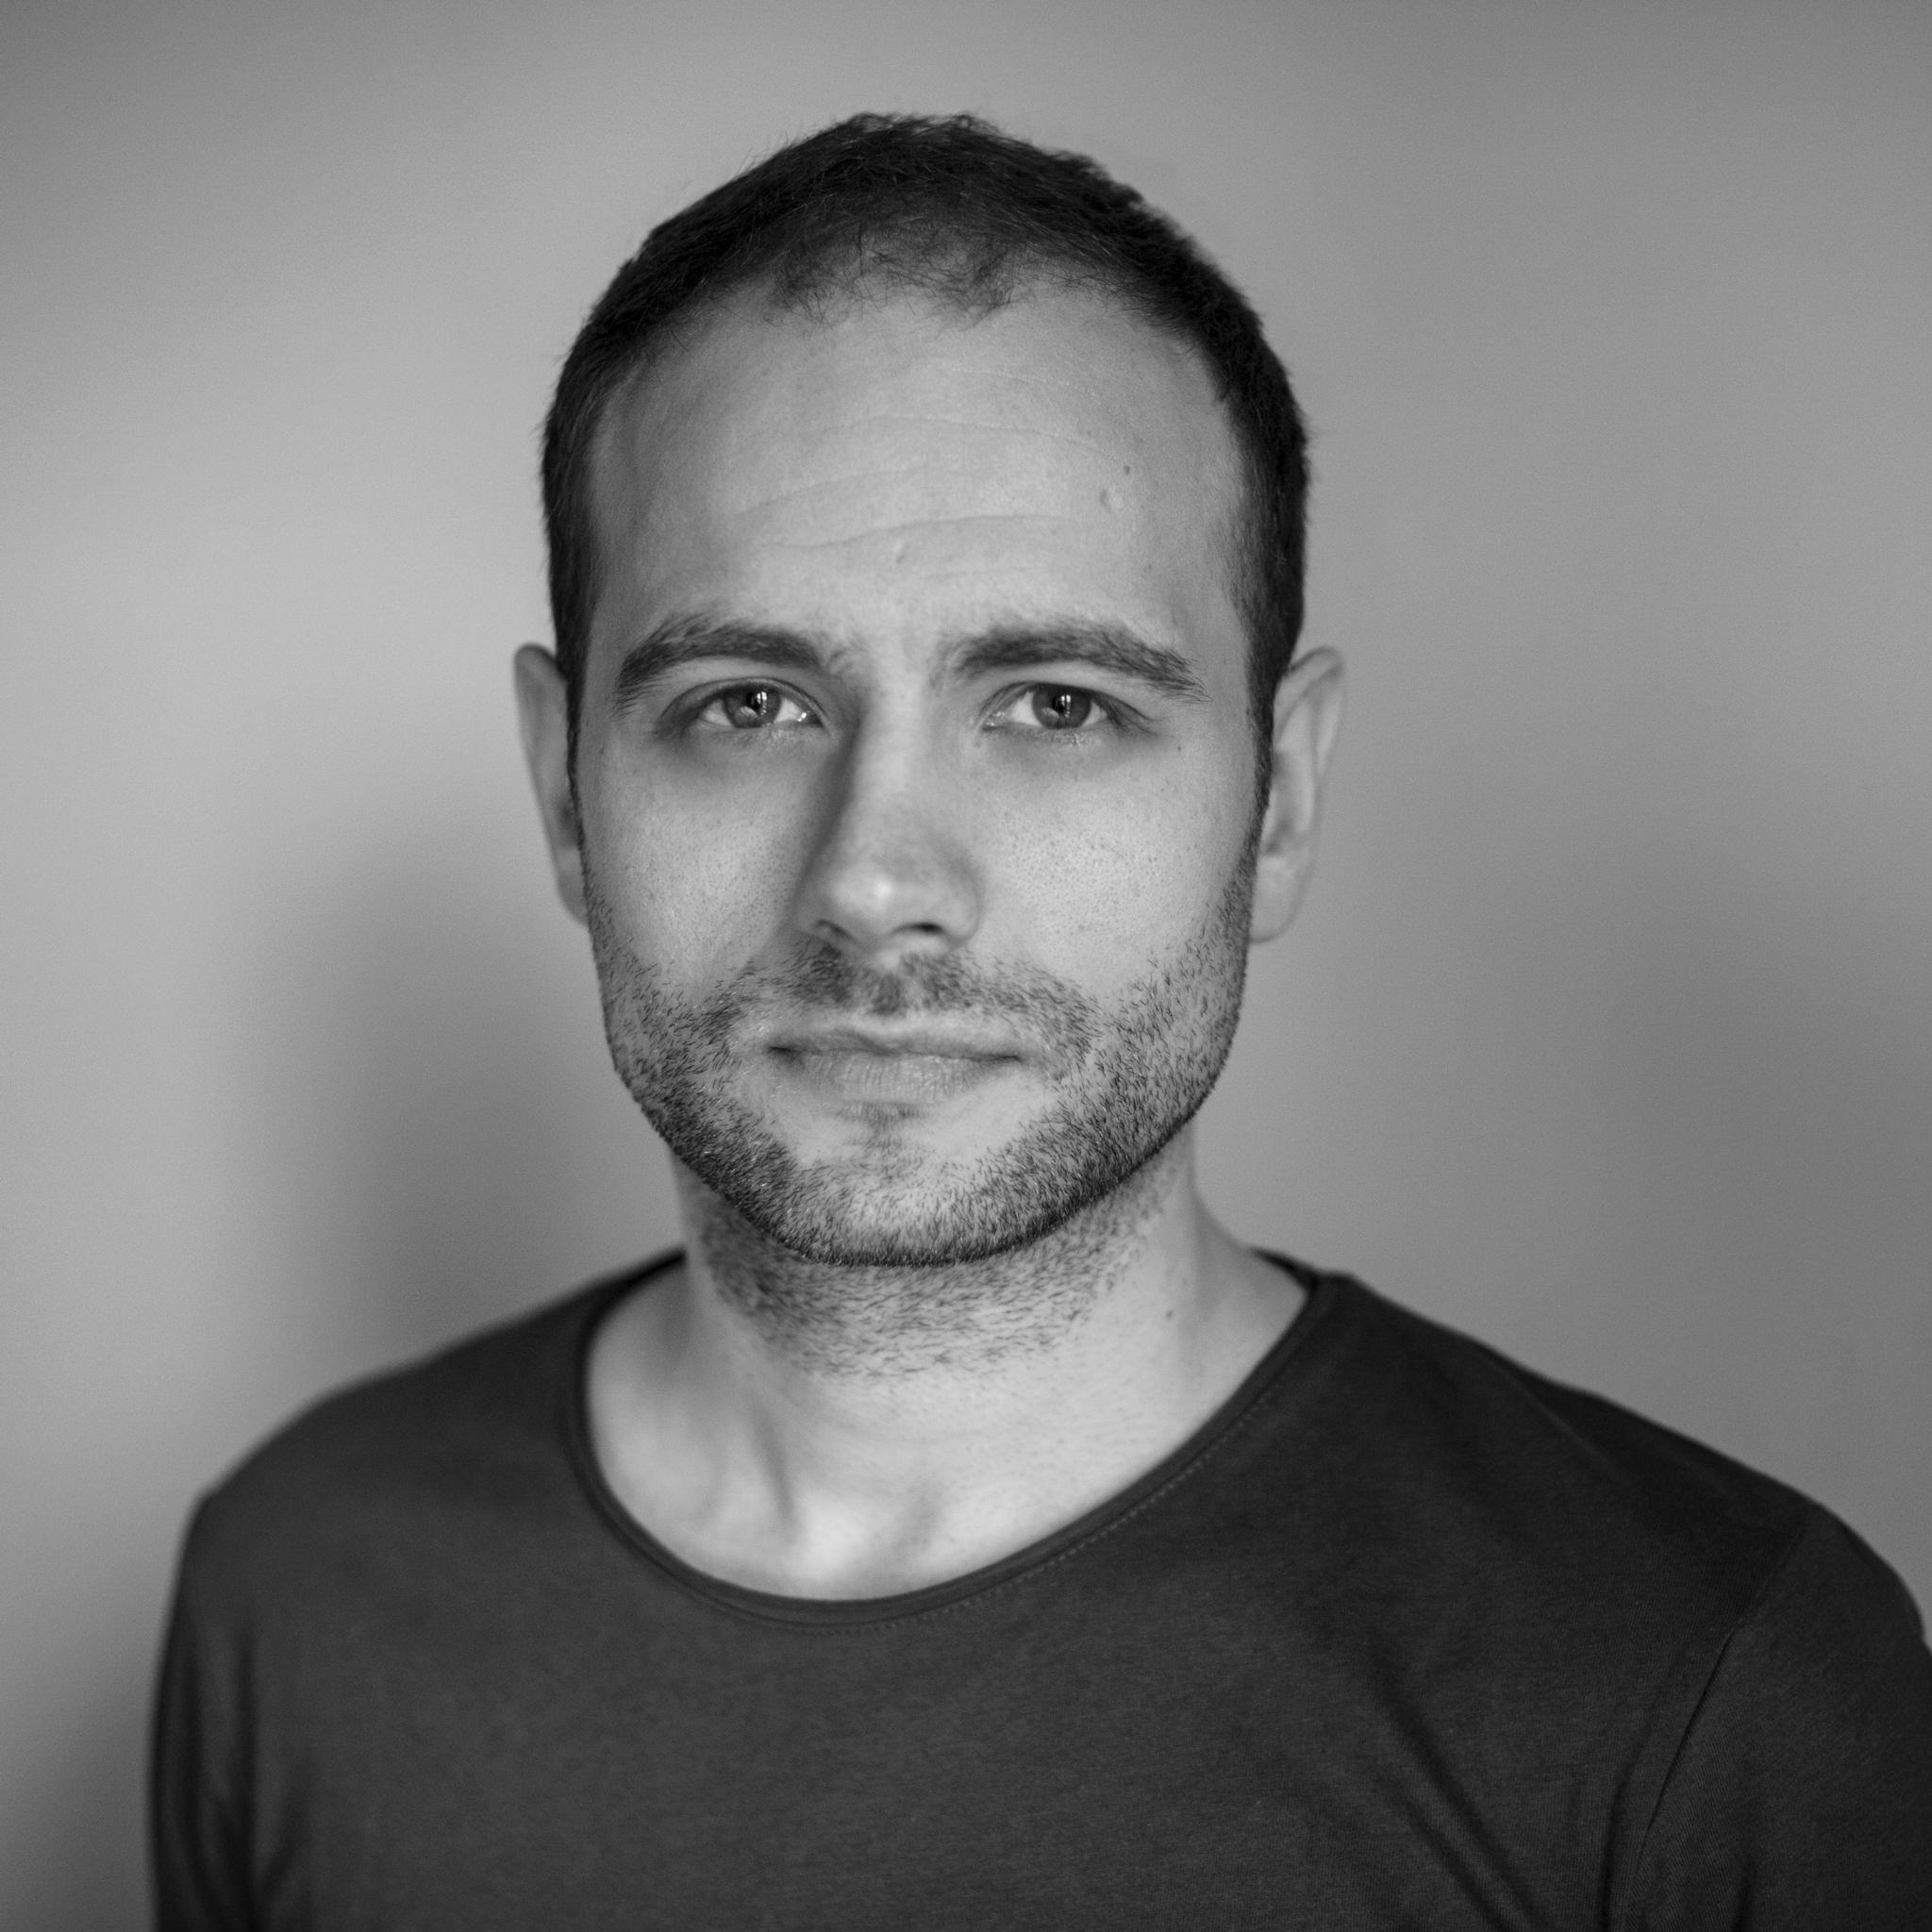 Mateusz Kowalik